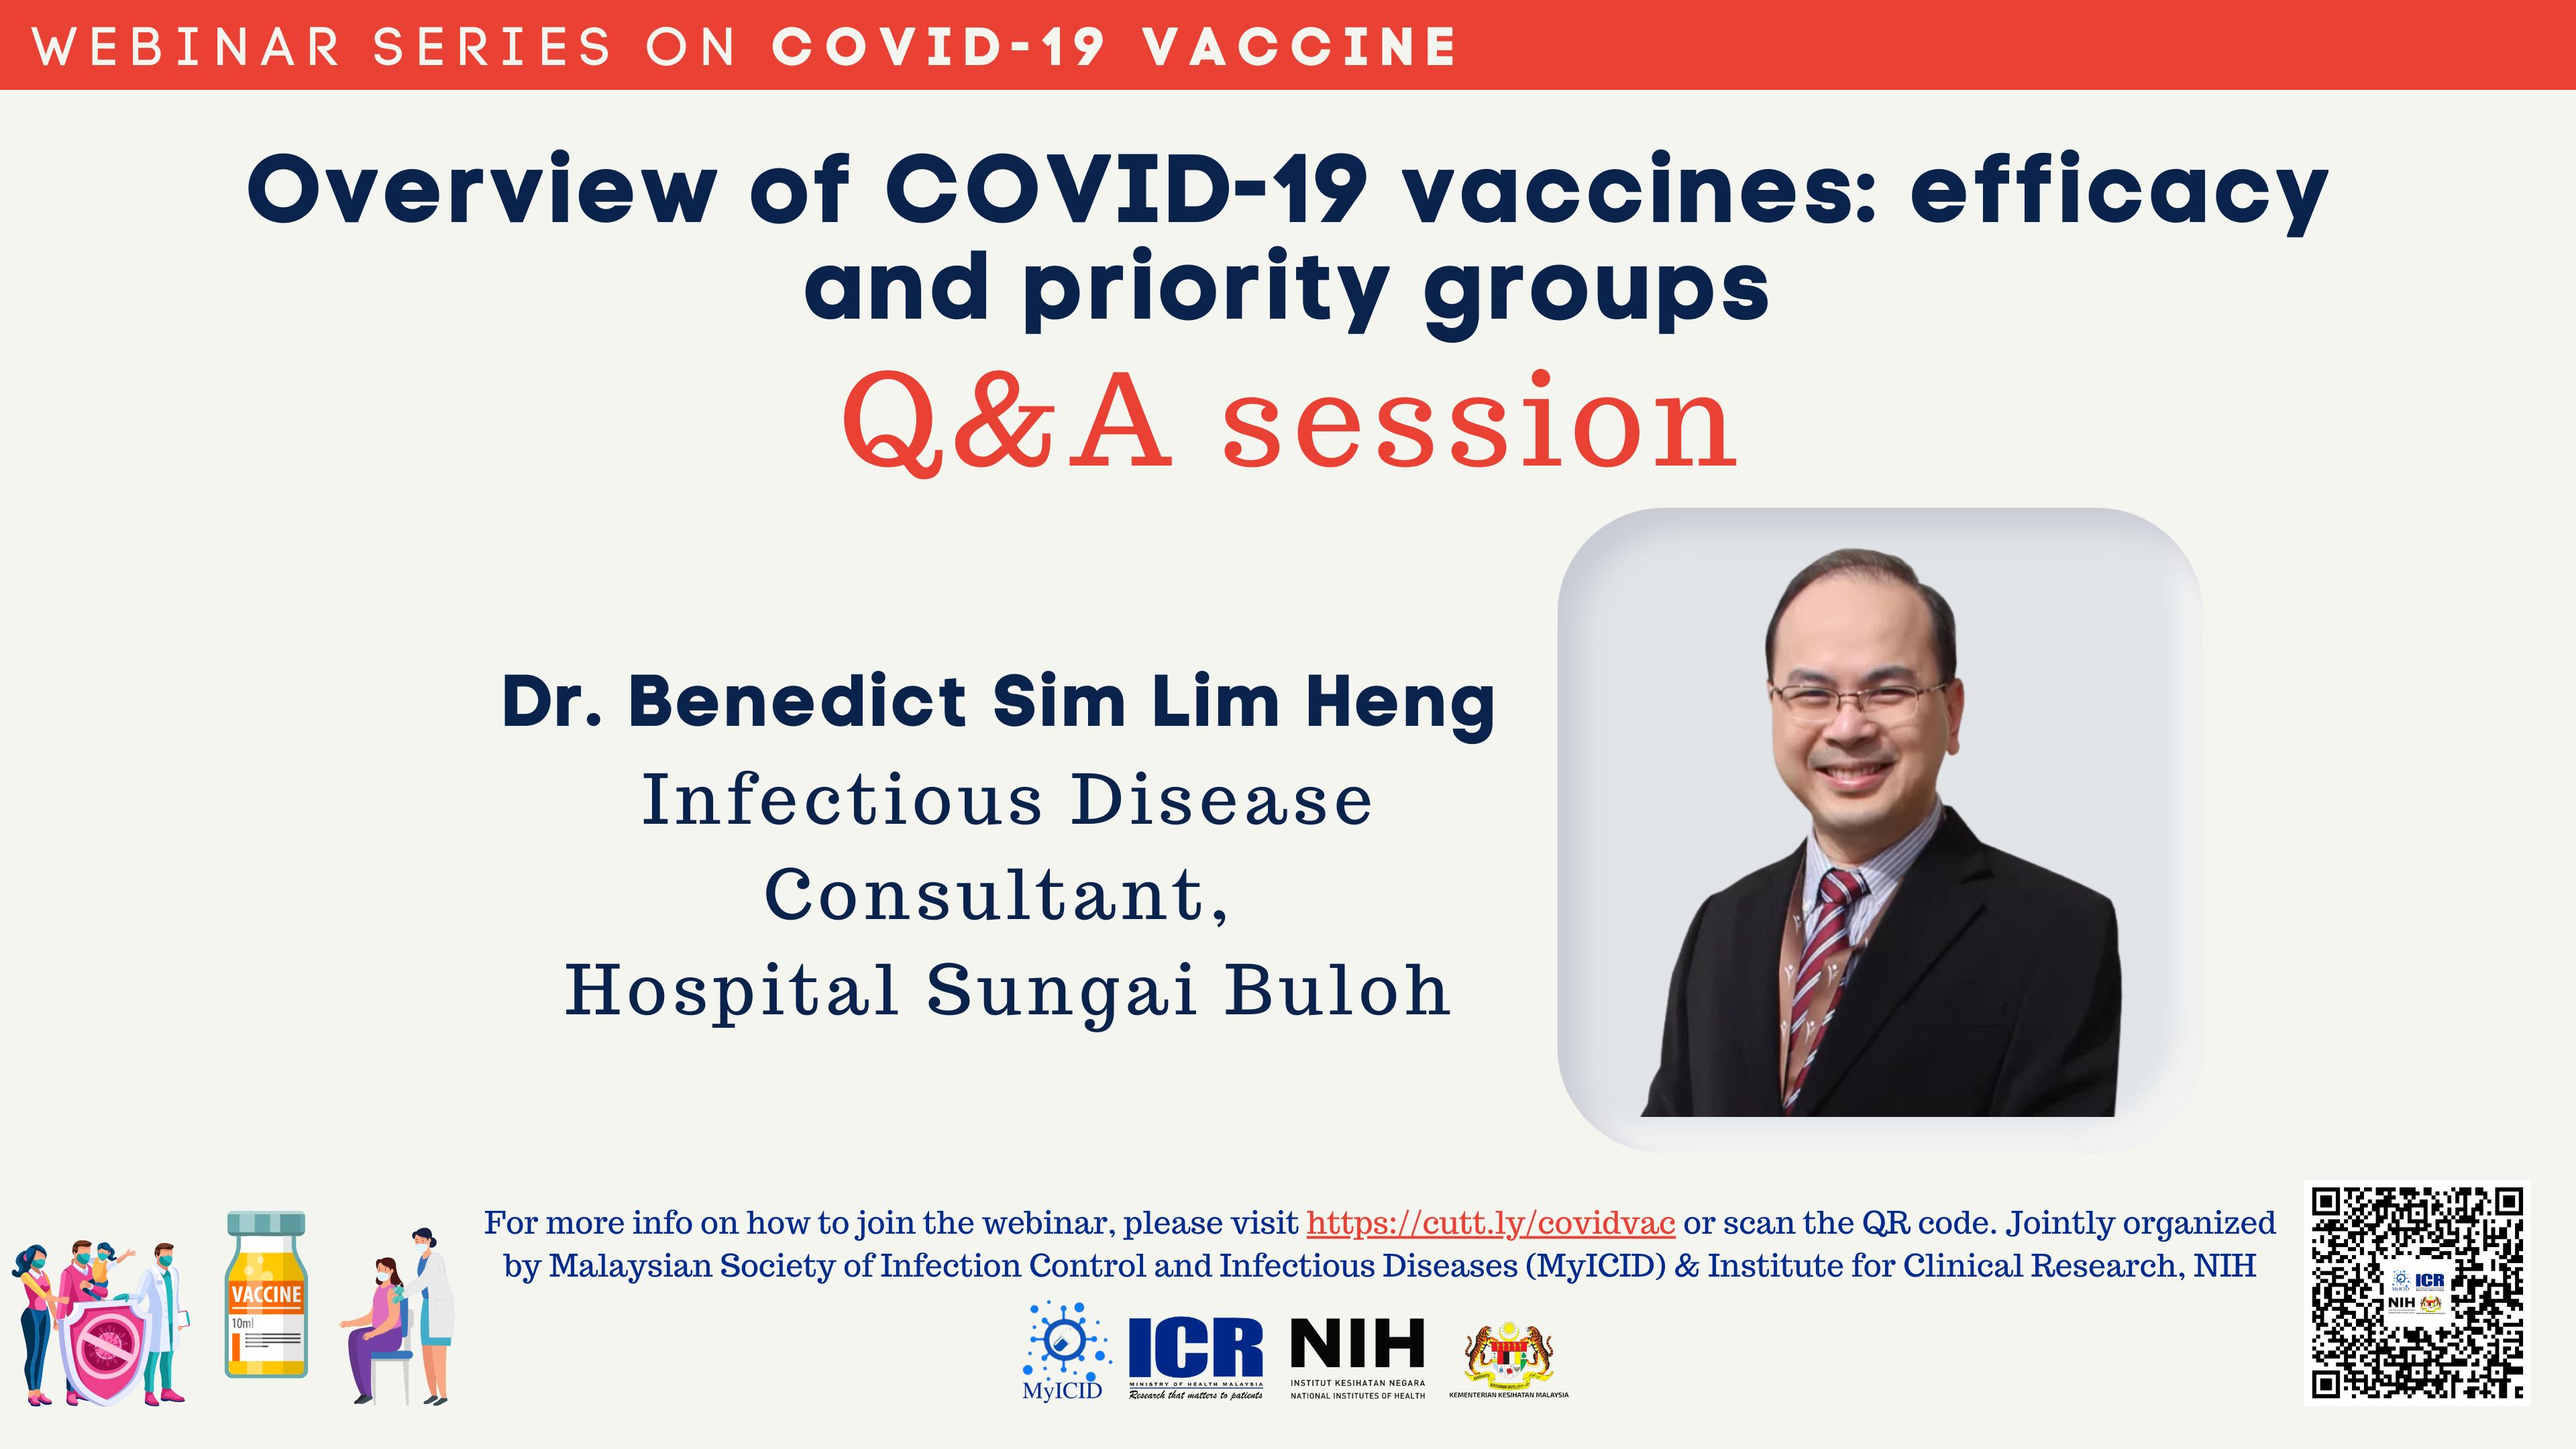 Post webinar Q&A with Dr. Benedict Sim, 12 April 2021